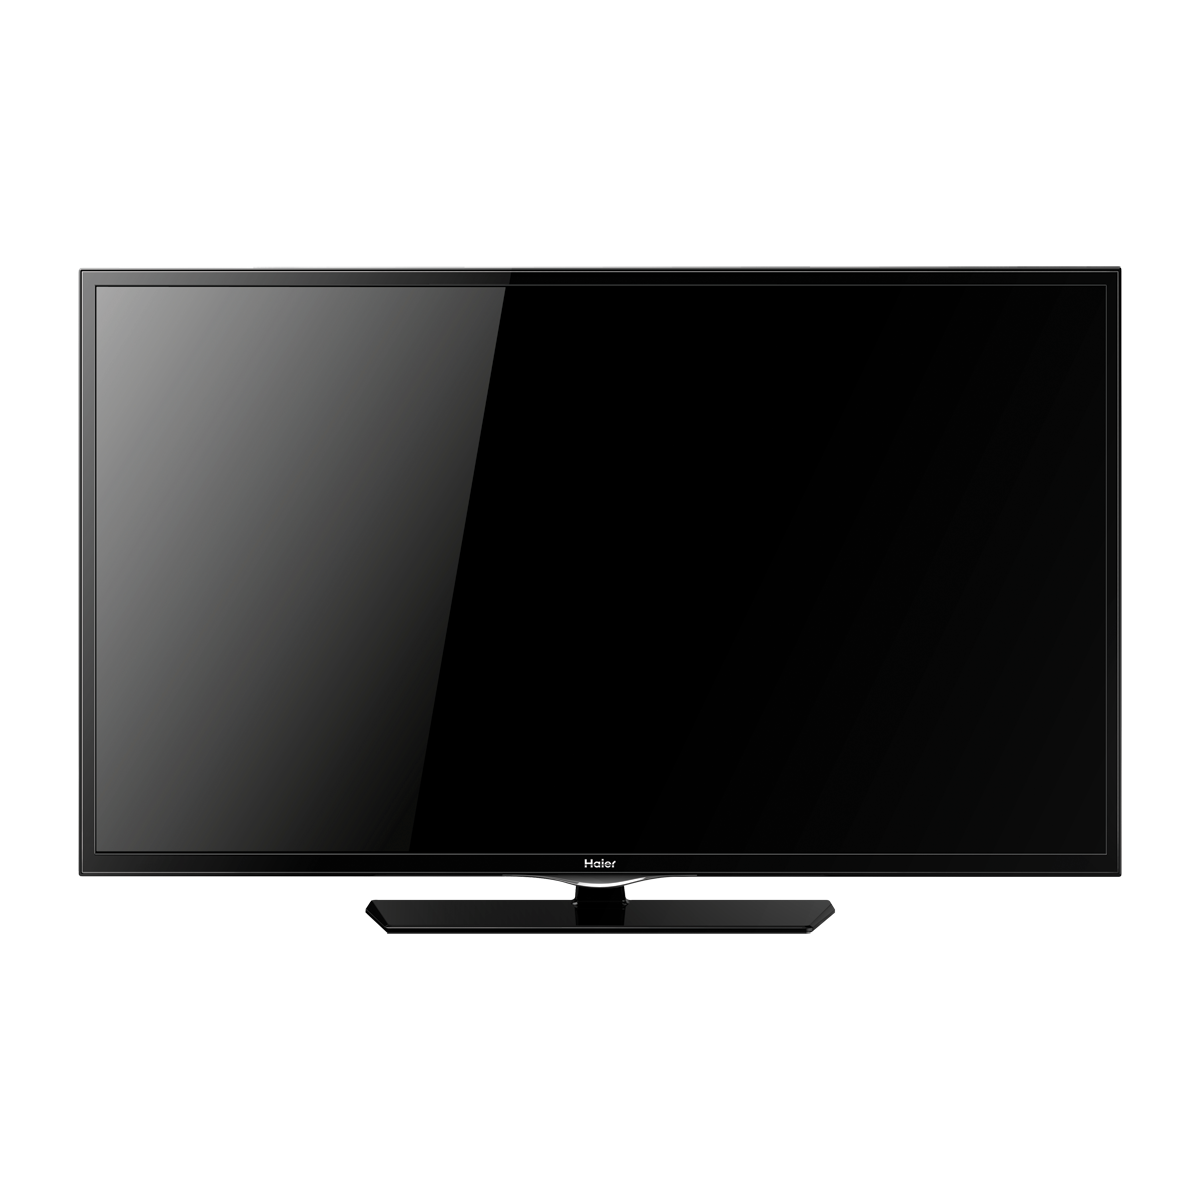 haier 7 inch tv manual